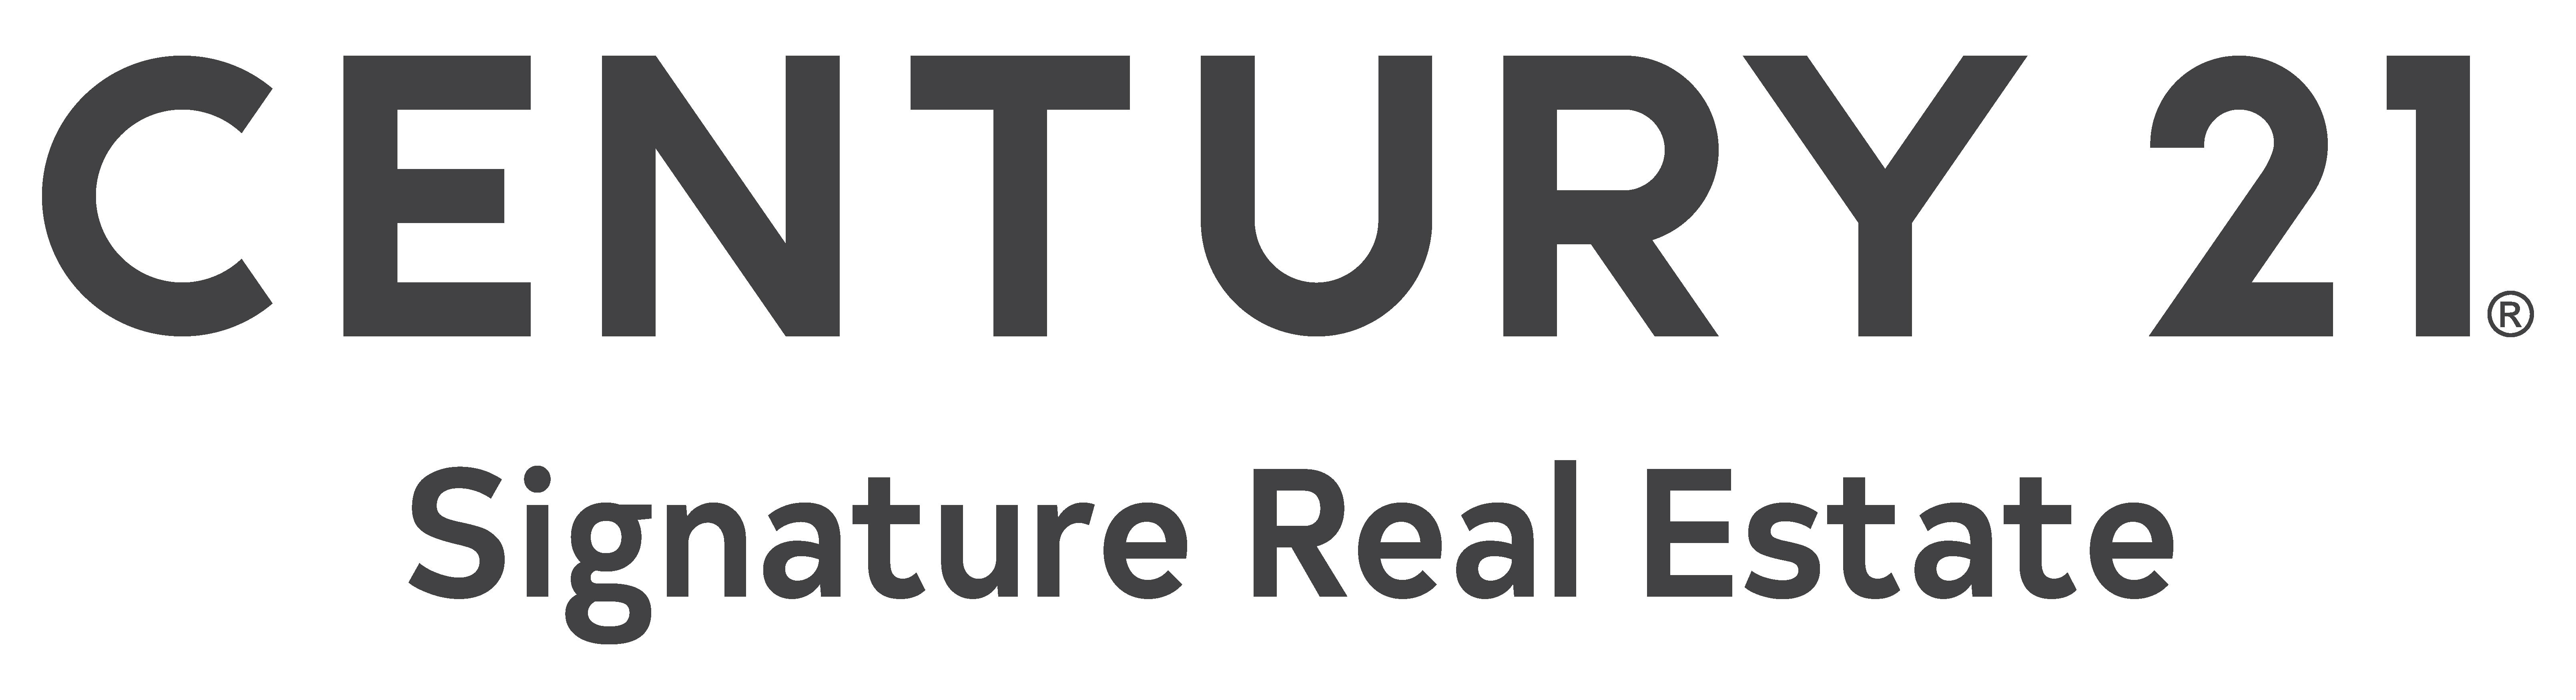 CENTURY 21 Signature Real Estate logo